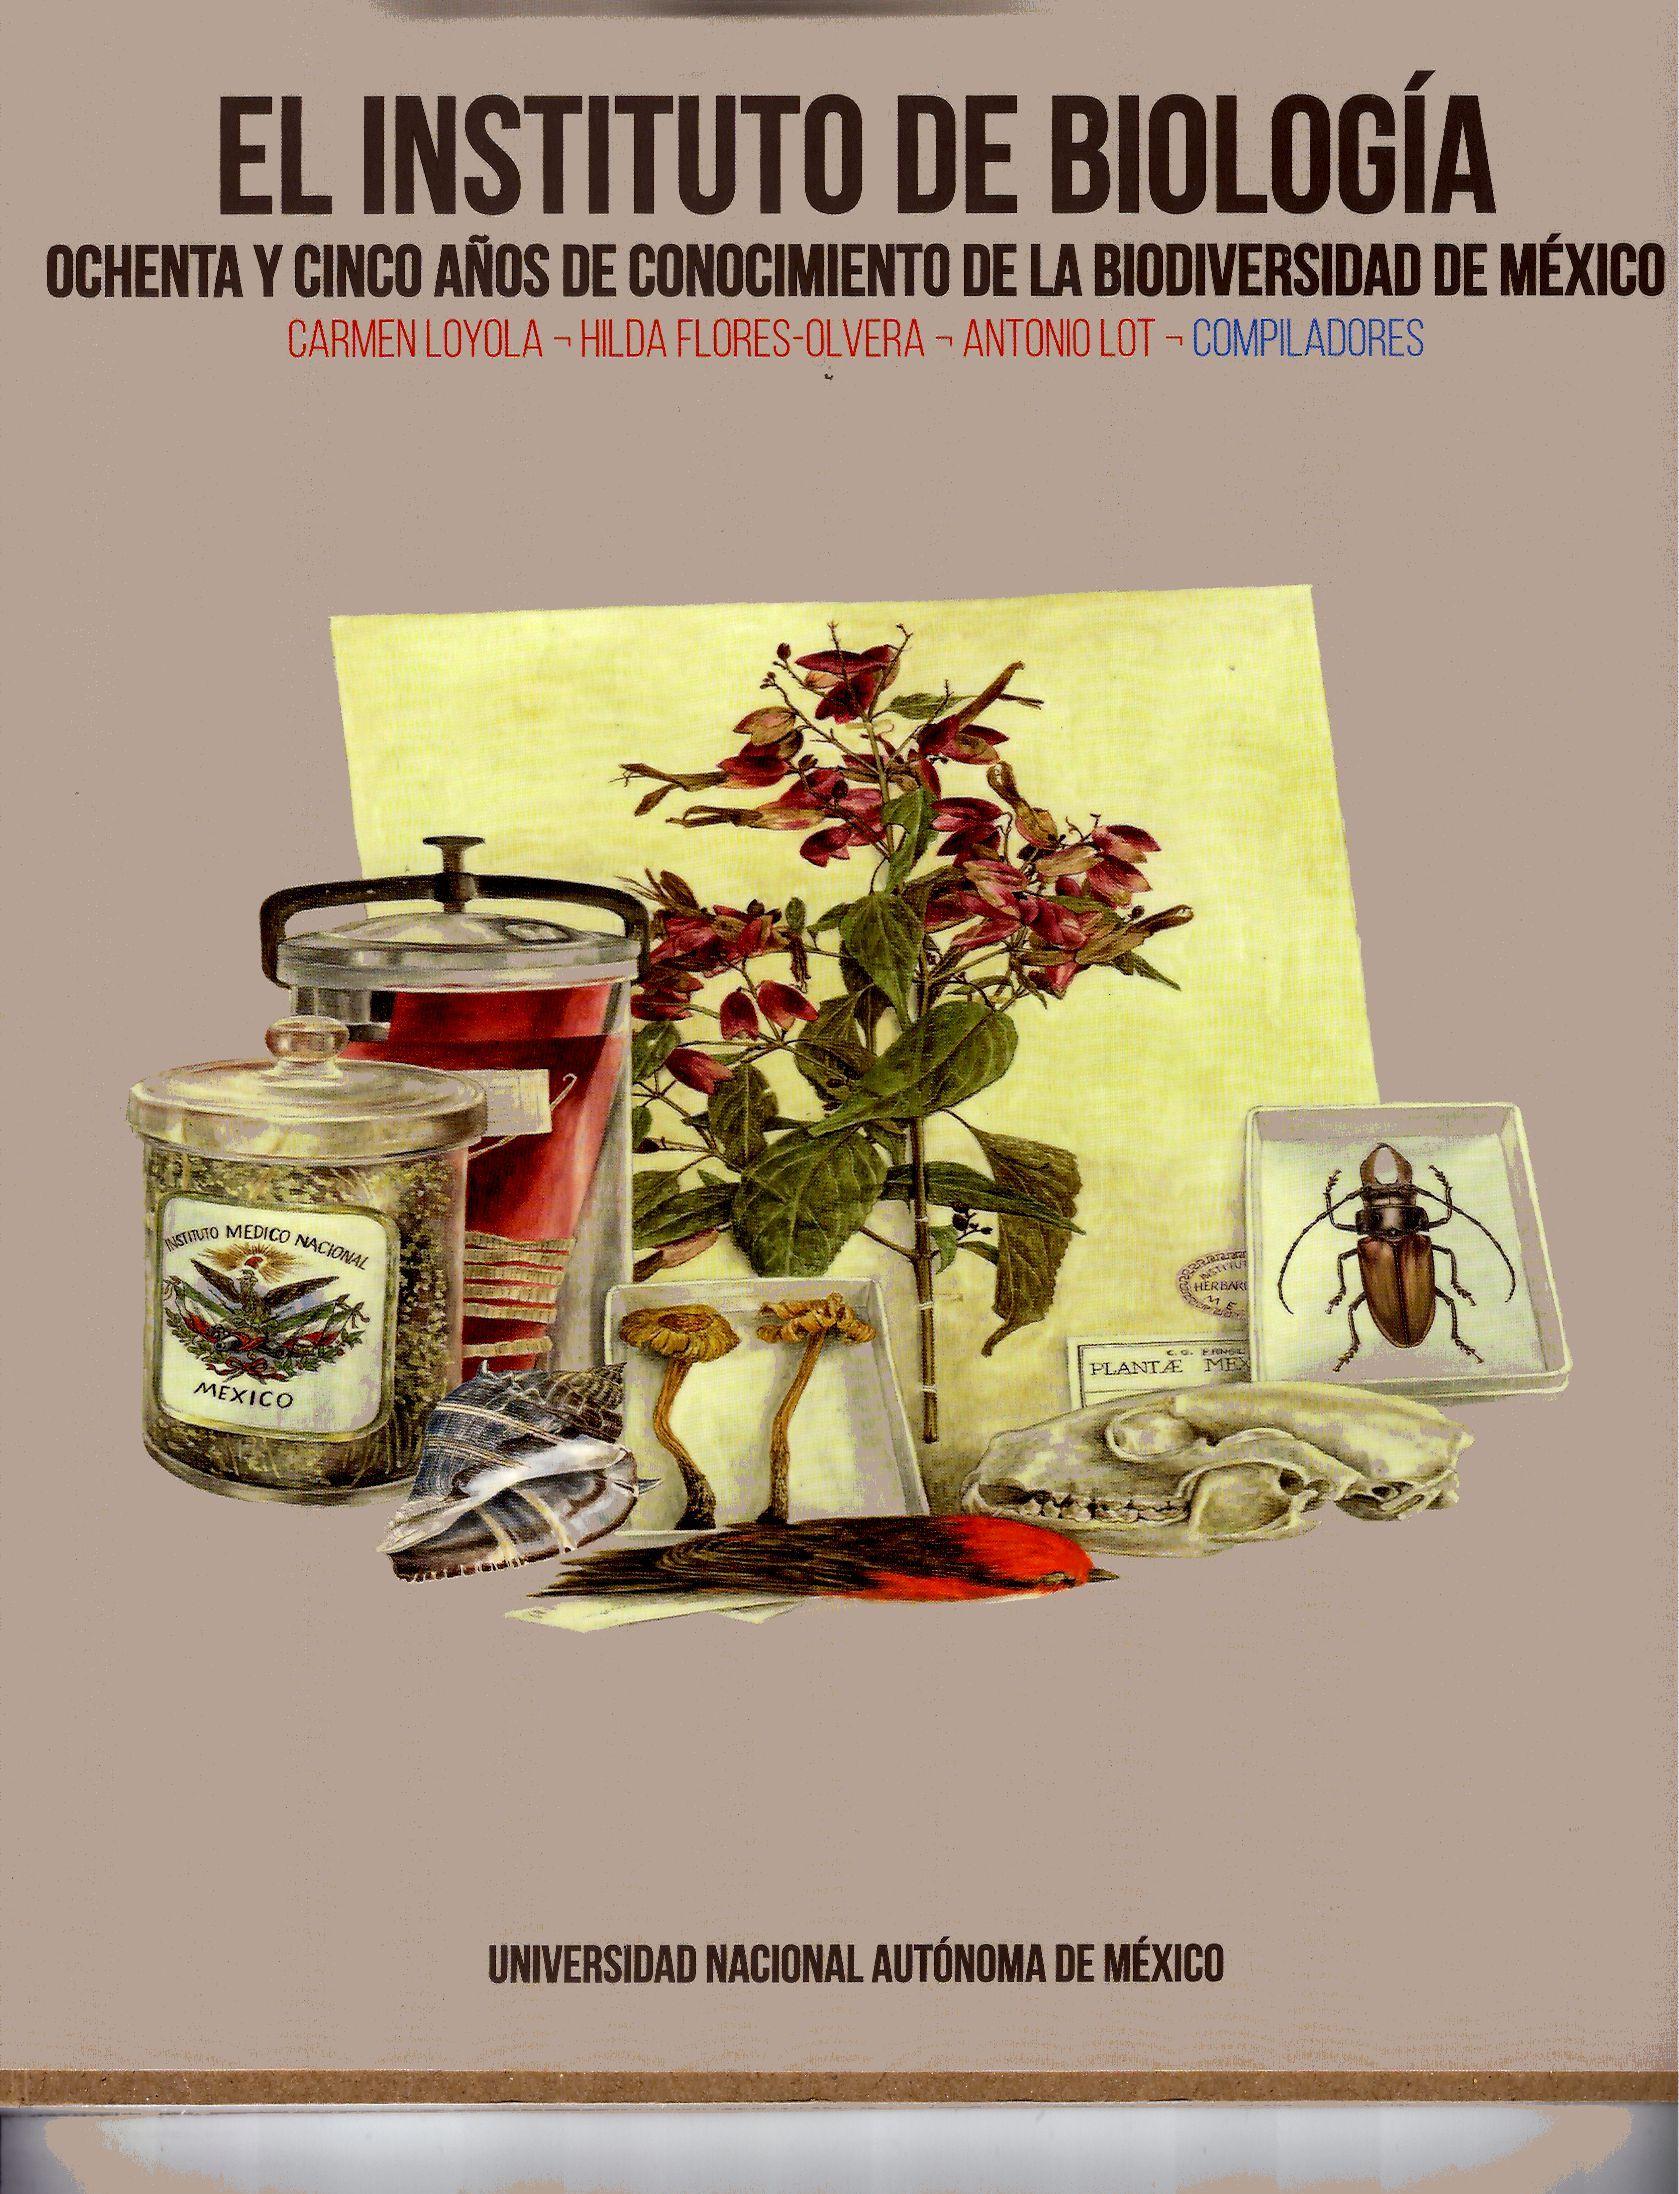 El Instituto de Biología. Ochenta y cinco años de conocimiento de la biodiversidad de México